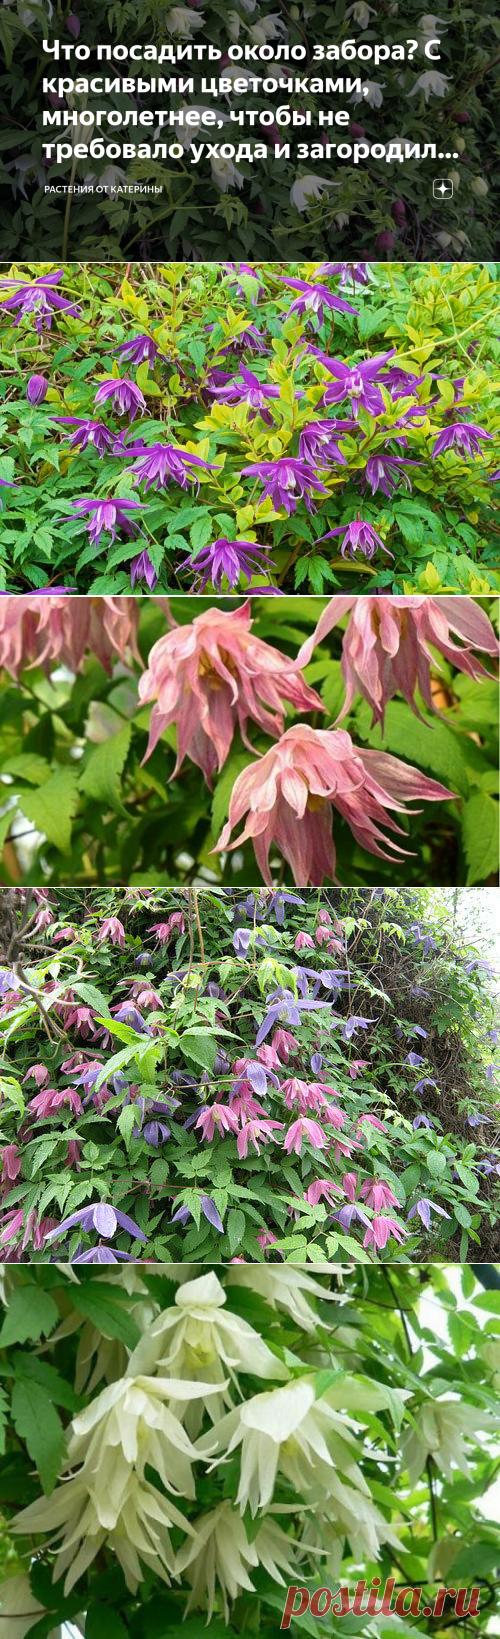 Что посадить около забора? С красивыми цветочками, многолетнее, чтобы не требовало ухода и загородило от соседей?   Растения от Катерины   Яндекс Дзен